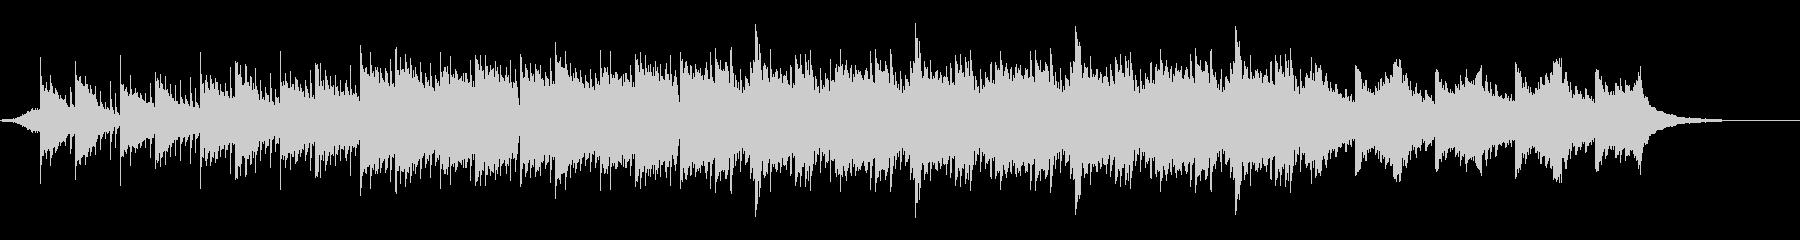 ウェディング4 Eショート(ドラム無し)の未再生の波形